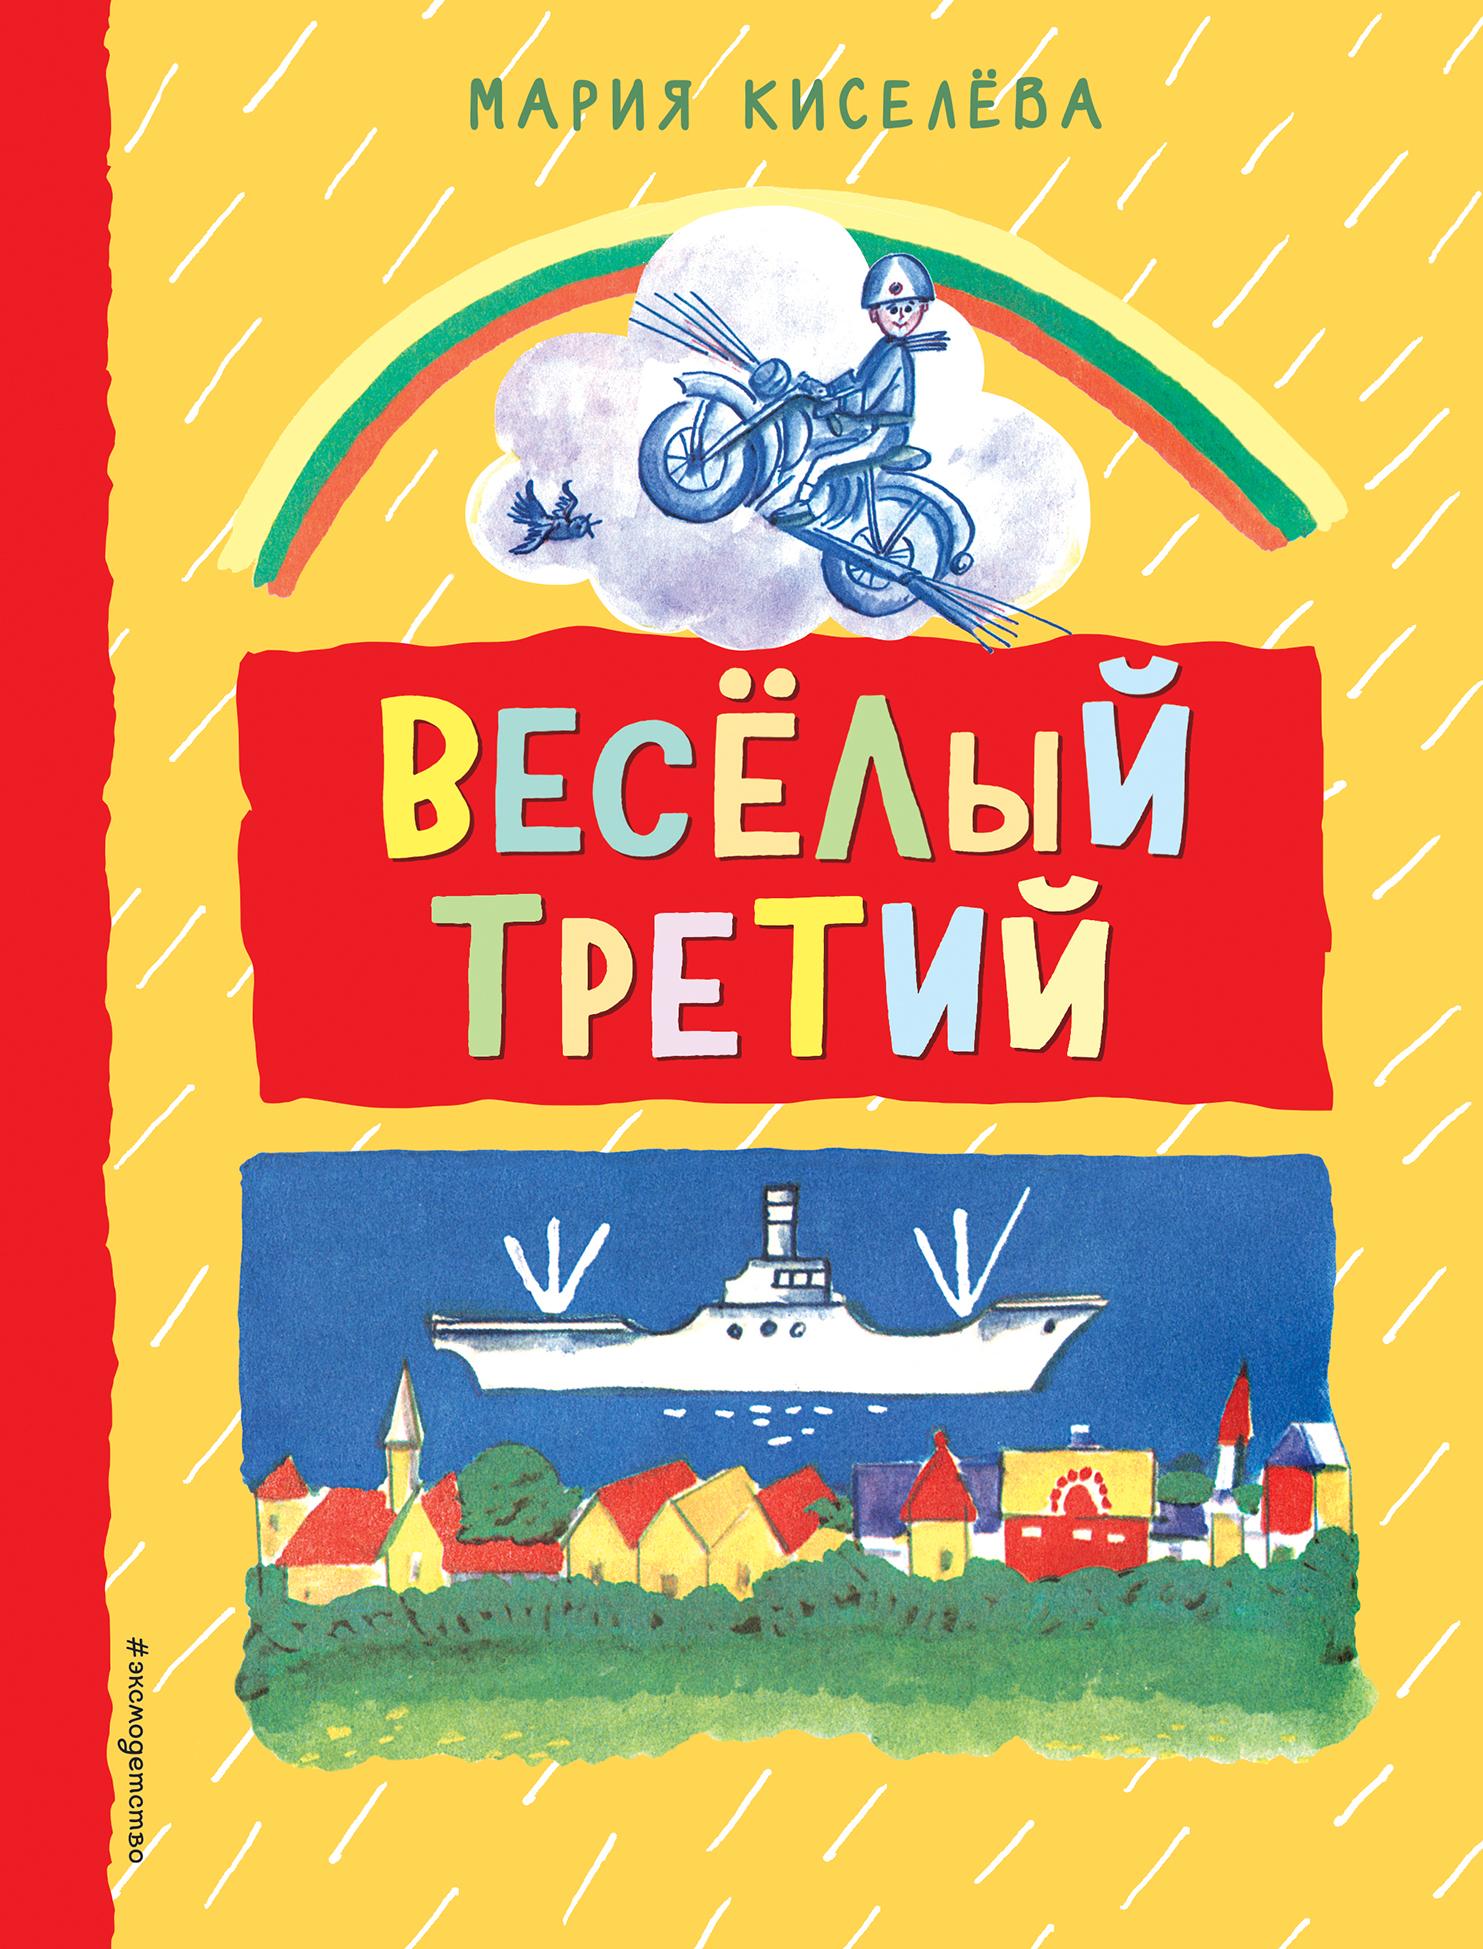 Киселева Мария Степановна Веселый третий сколько стоят хорьки в рязани и где